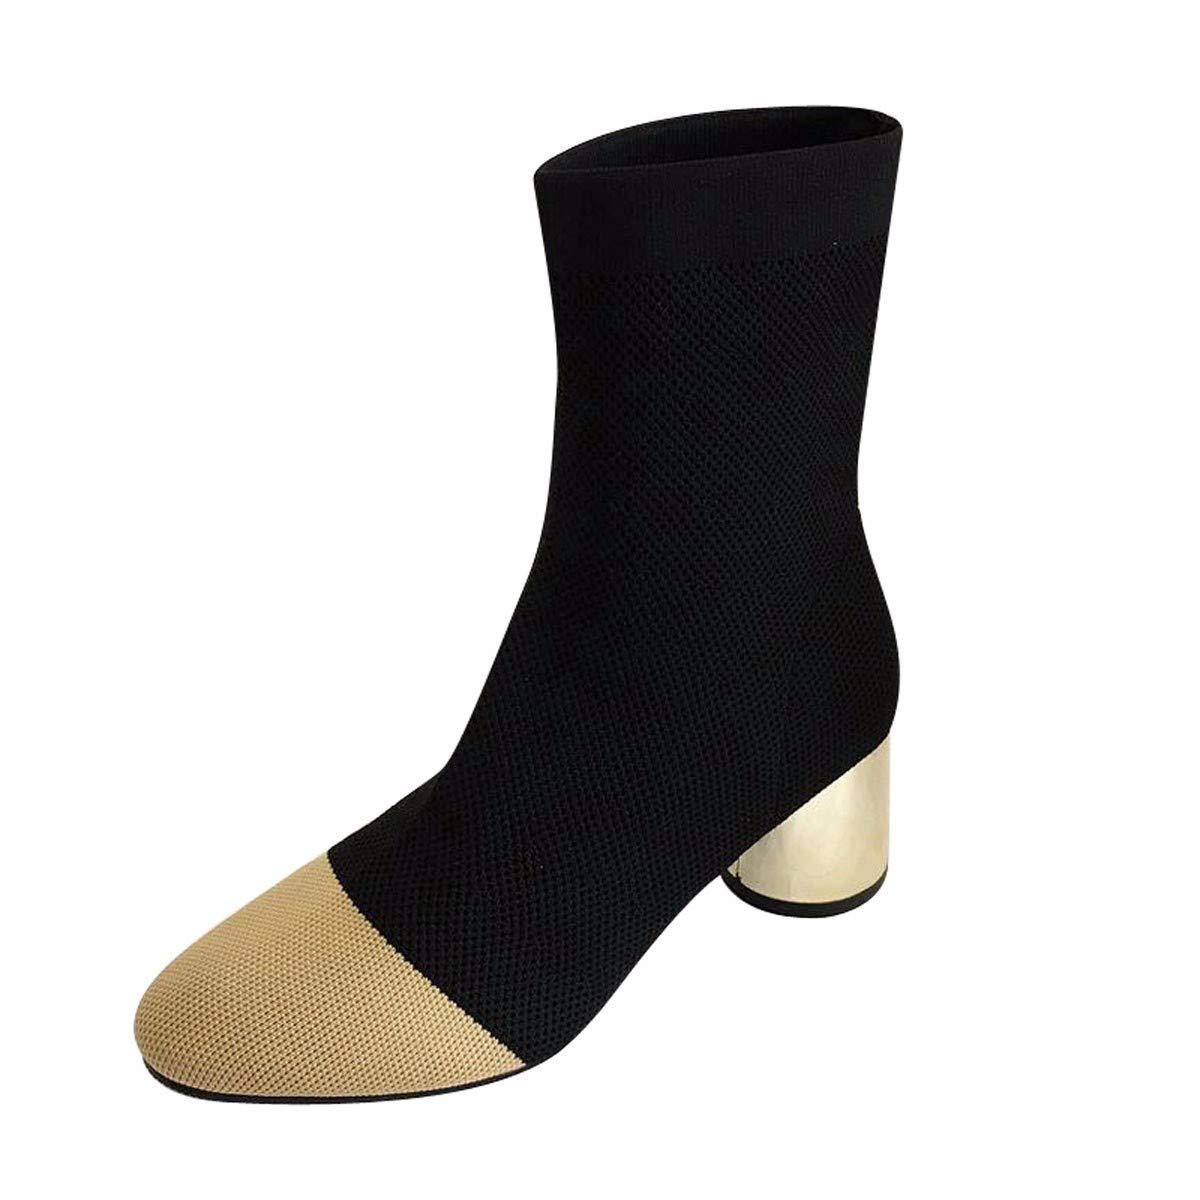 noir Thirty-seven HBDLH Chaussures pour Femmes courte bottes with High 6Cm Rough Heel Elastic bottes Square Head Medium Tube bottes Match Couleurs Ma Dingxue.